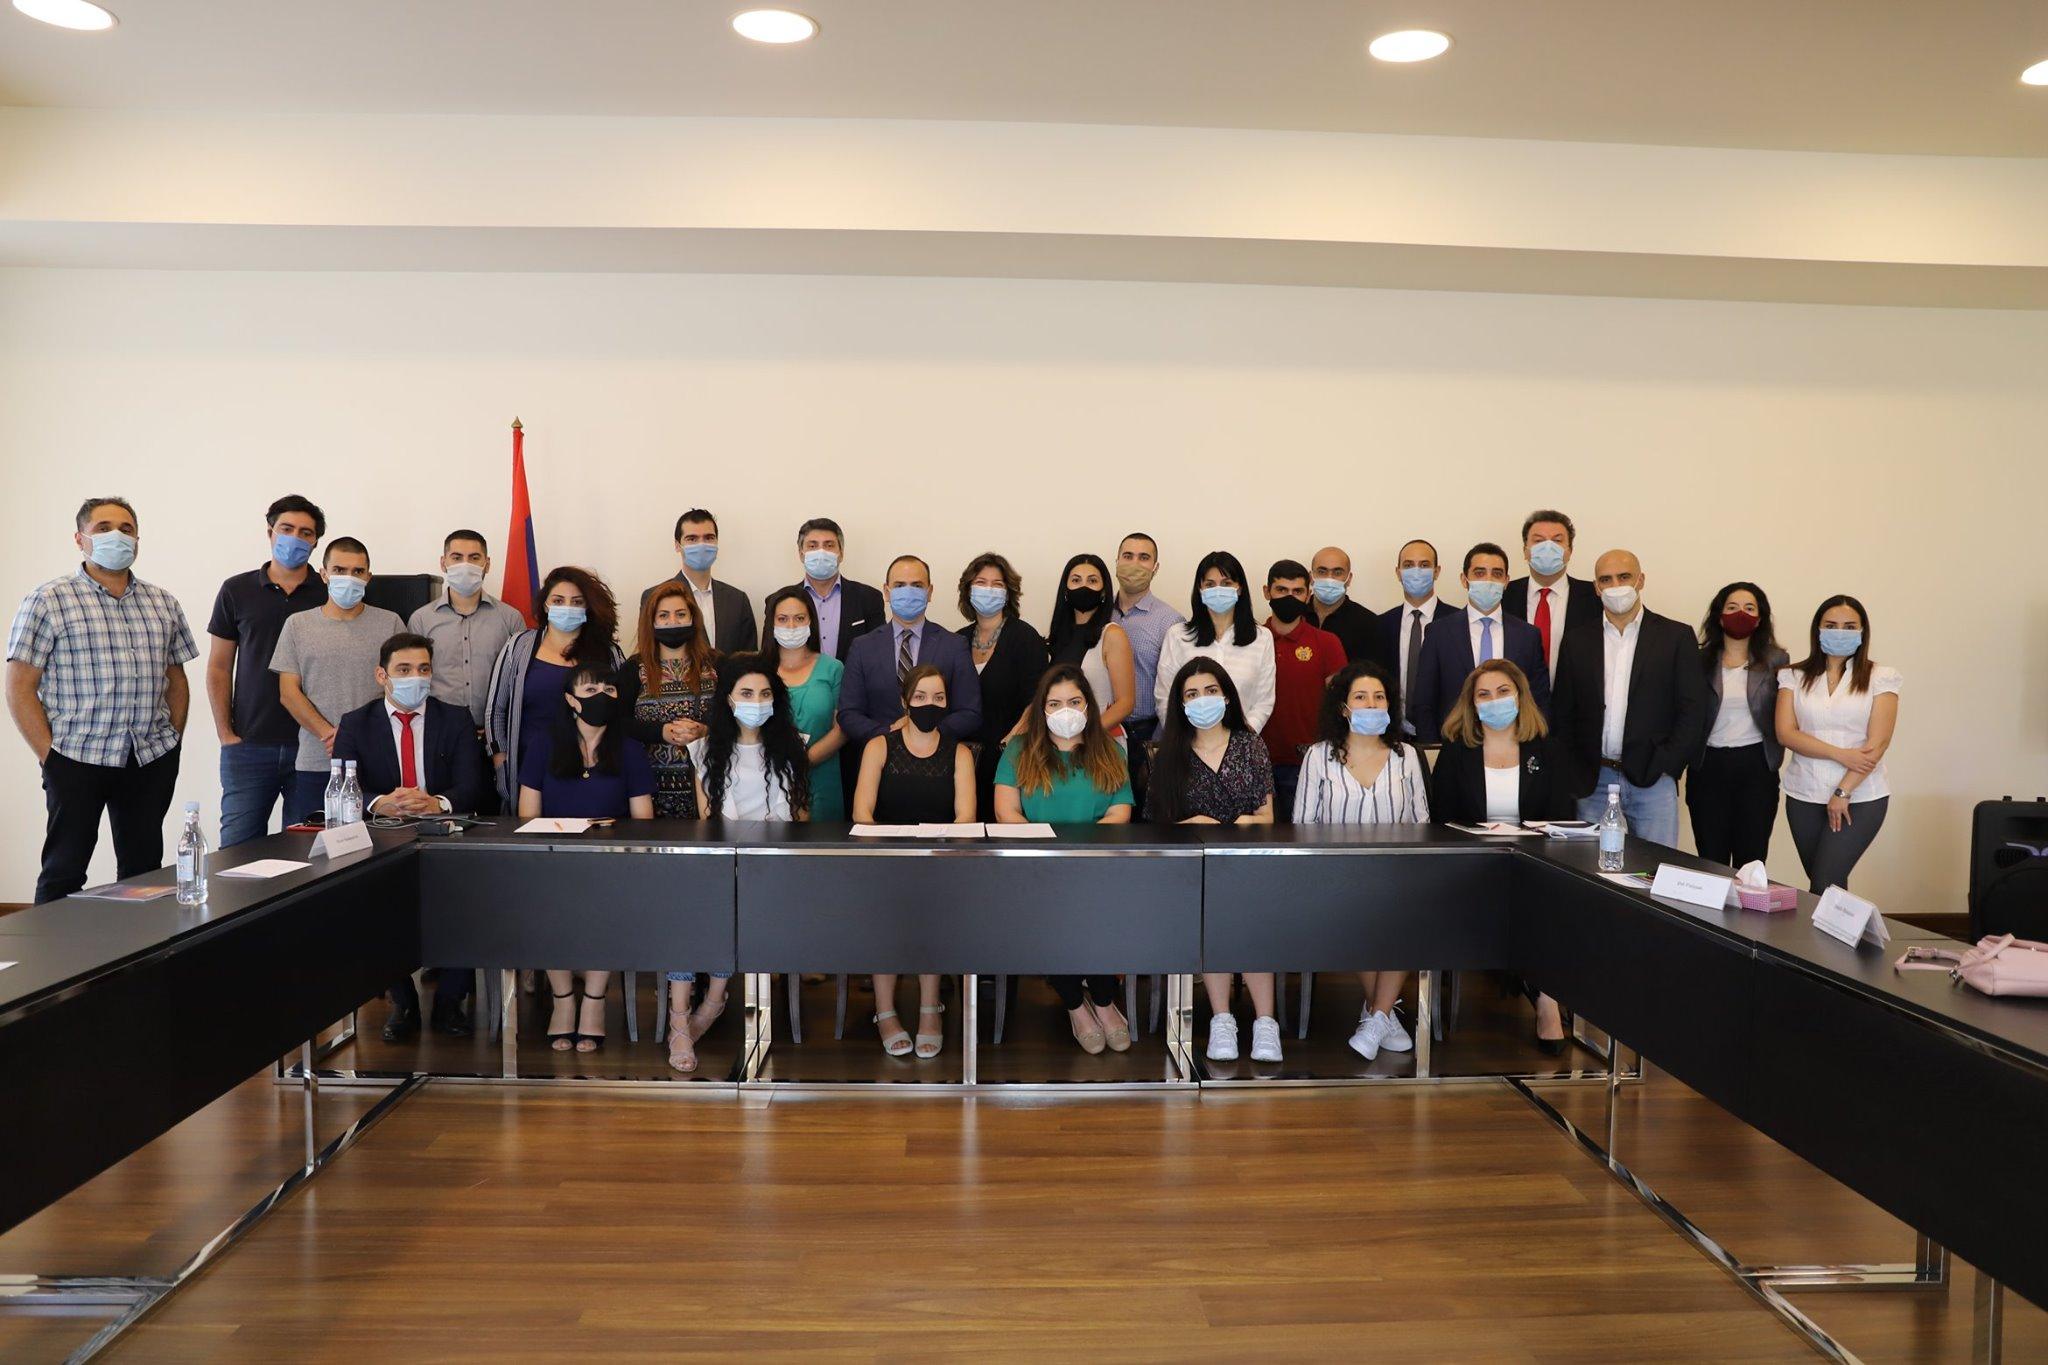 Photo of Սփյուռքահայ մասնագետները սկսեցին աշխատել ՀՀ կառավարությունում